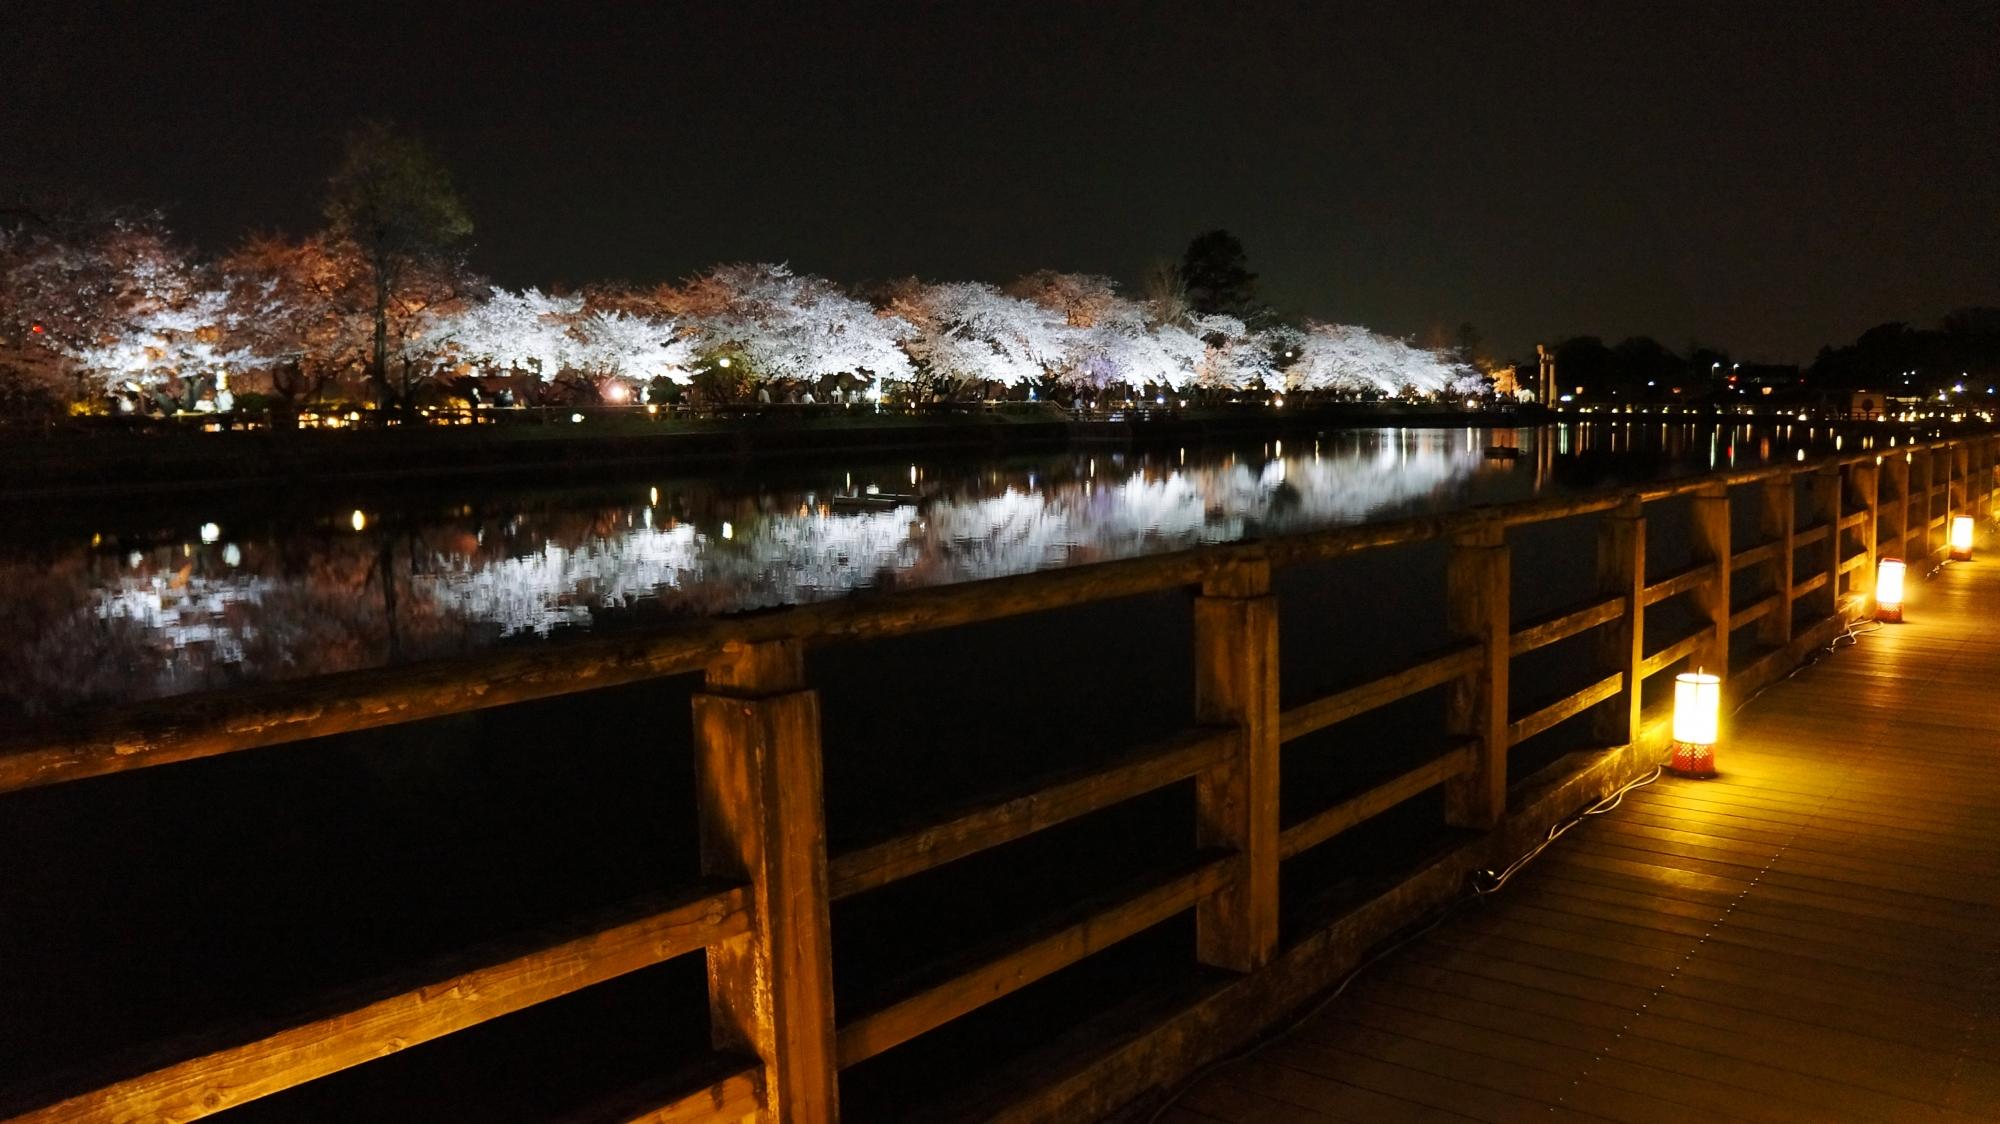 橋のライトアップと相まって幻想的な雰囲気が漂う長岡天満宮